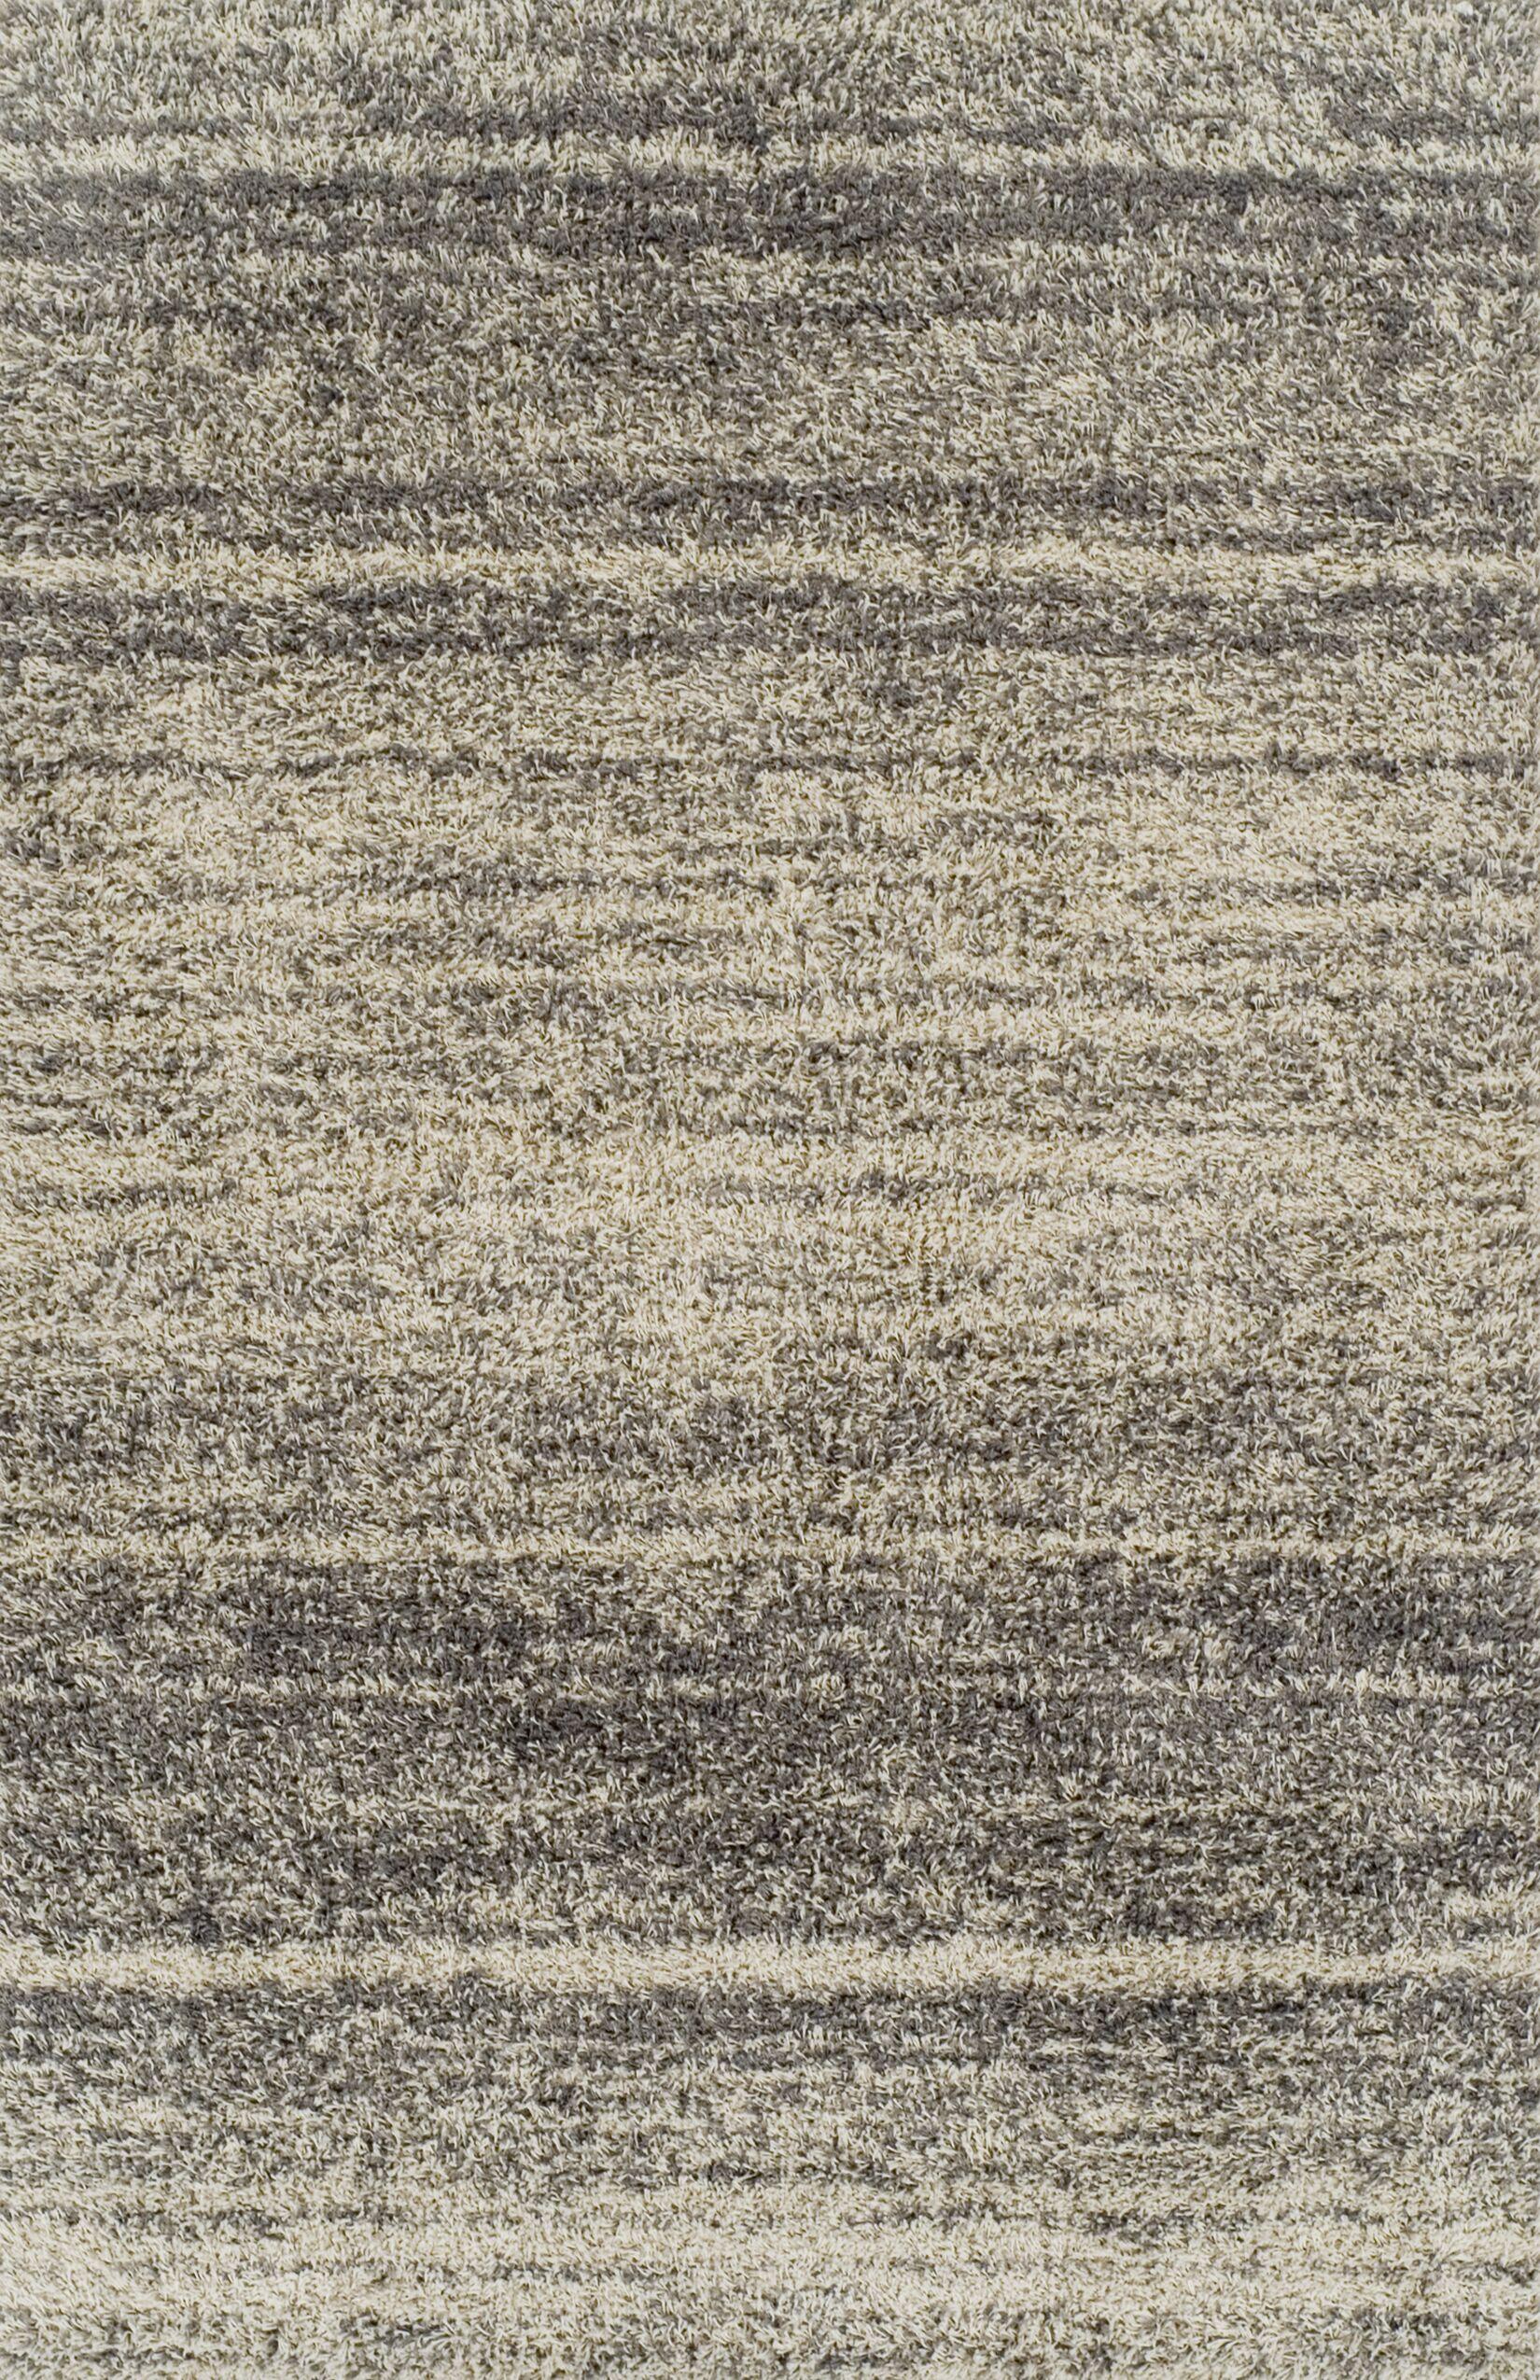 Keera Gray Area Rug Rug Size: 7'11